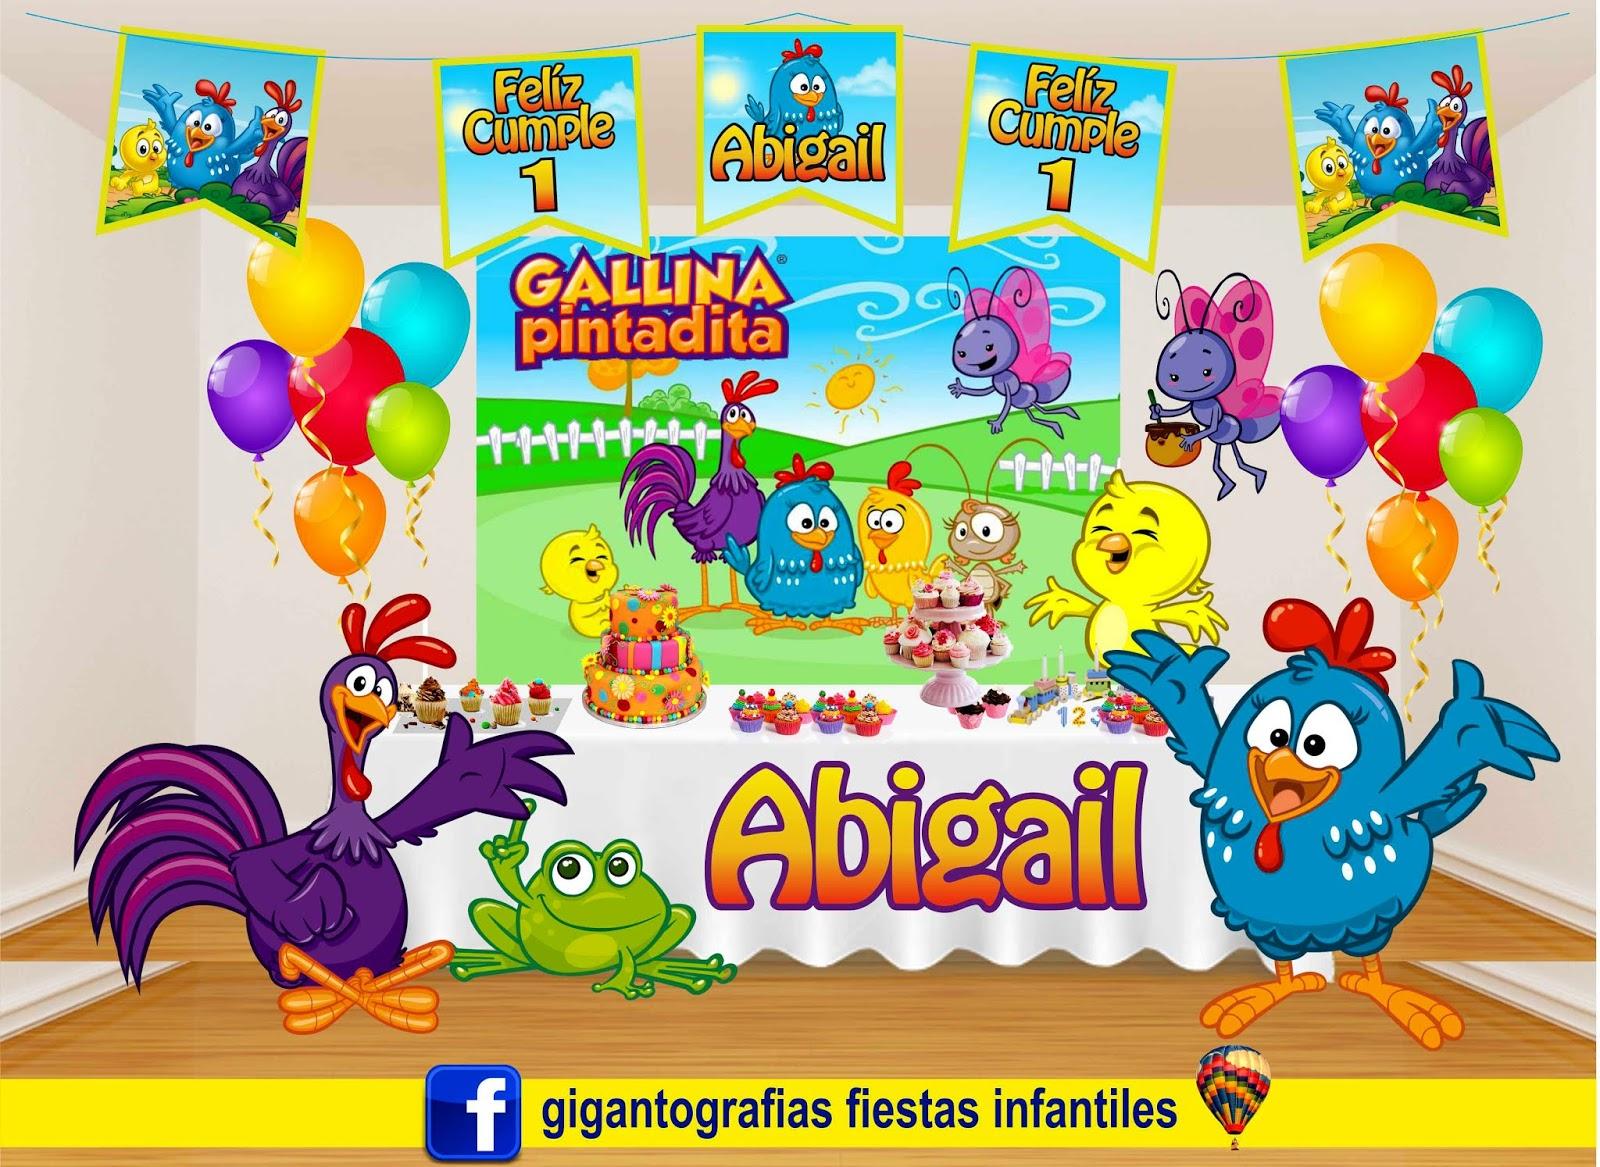 Decoracion Fiesta Infantil De La Gallina Pintadita Decoracion De - Adornos-fiesta-infantil